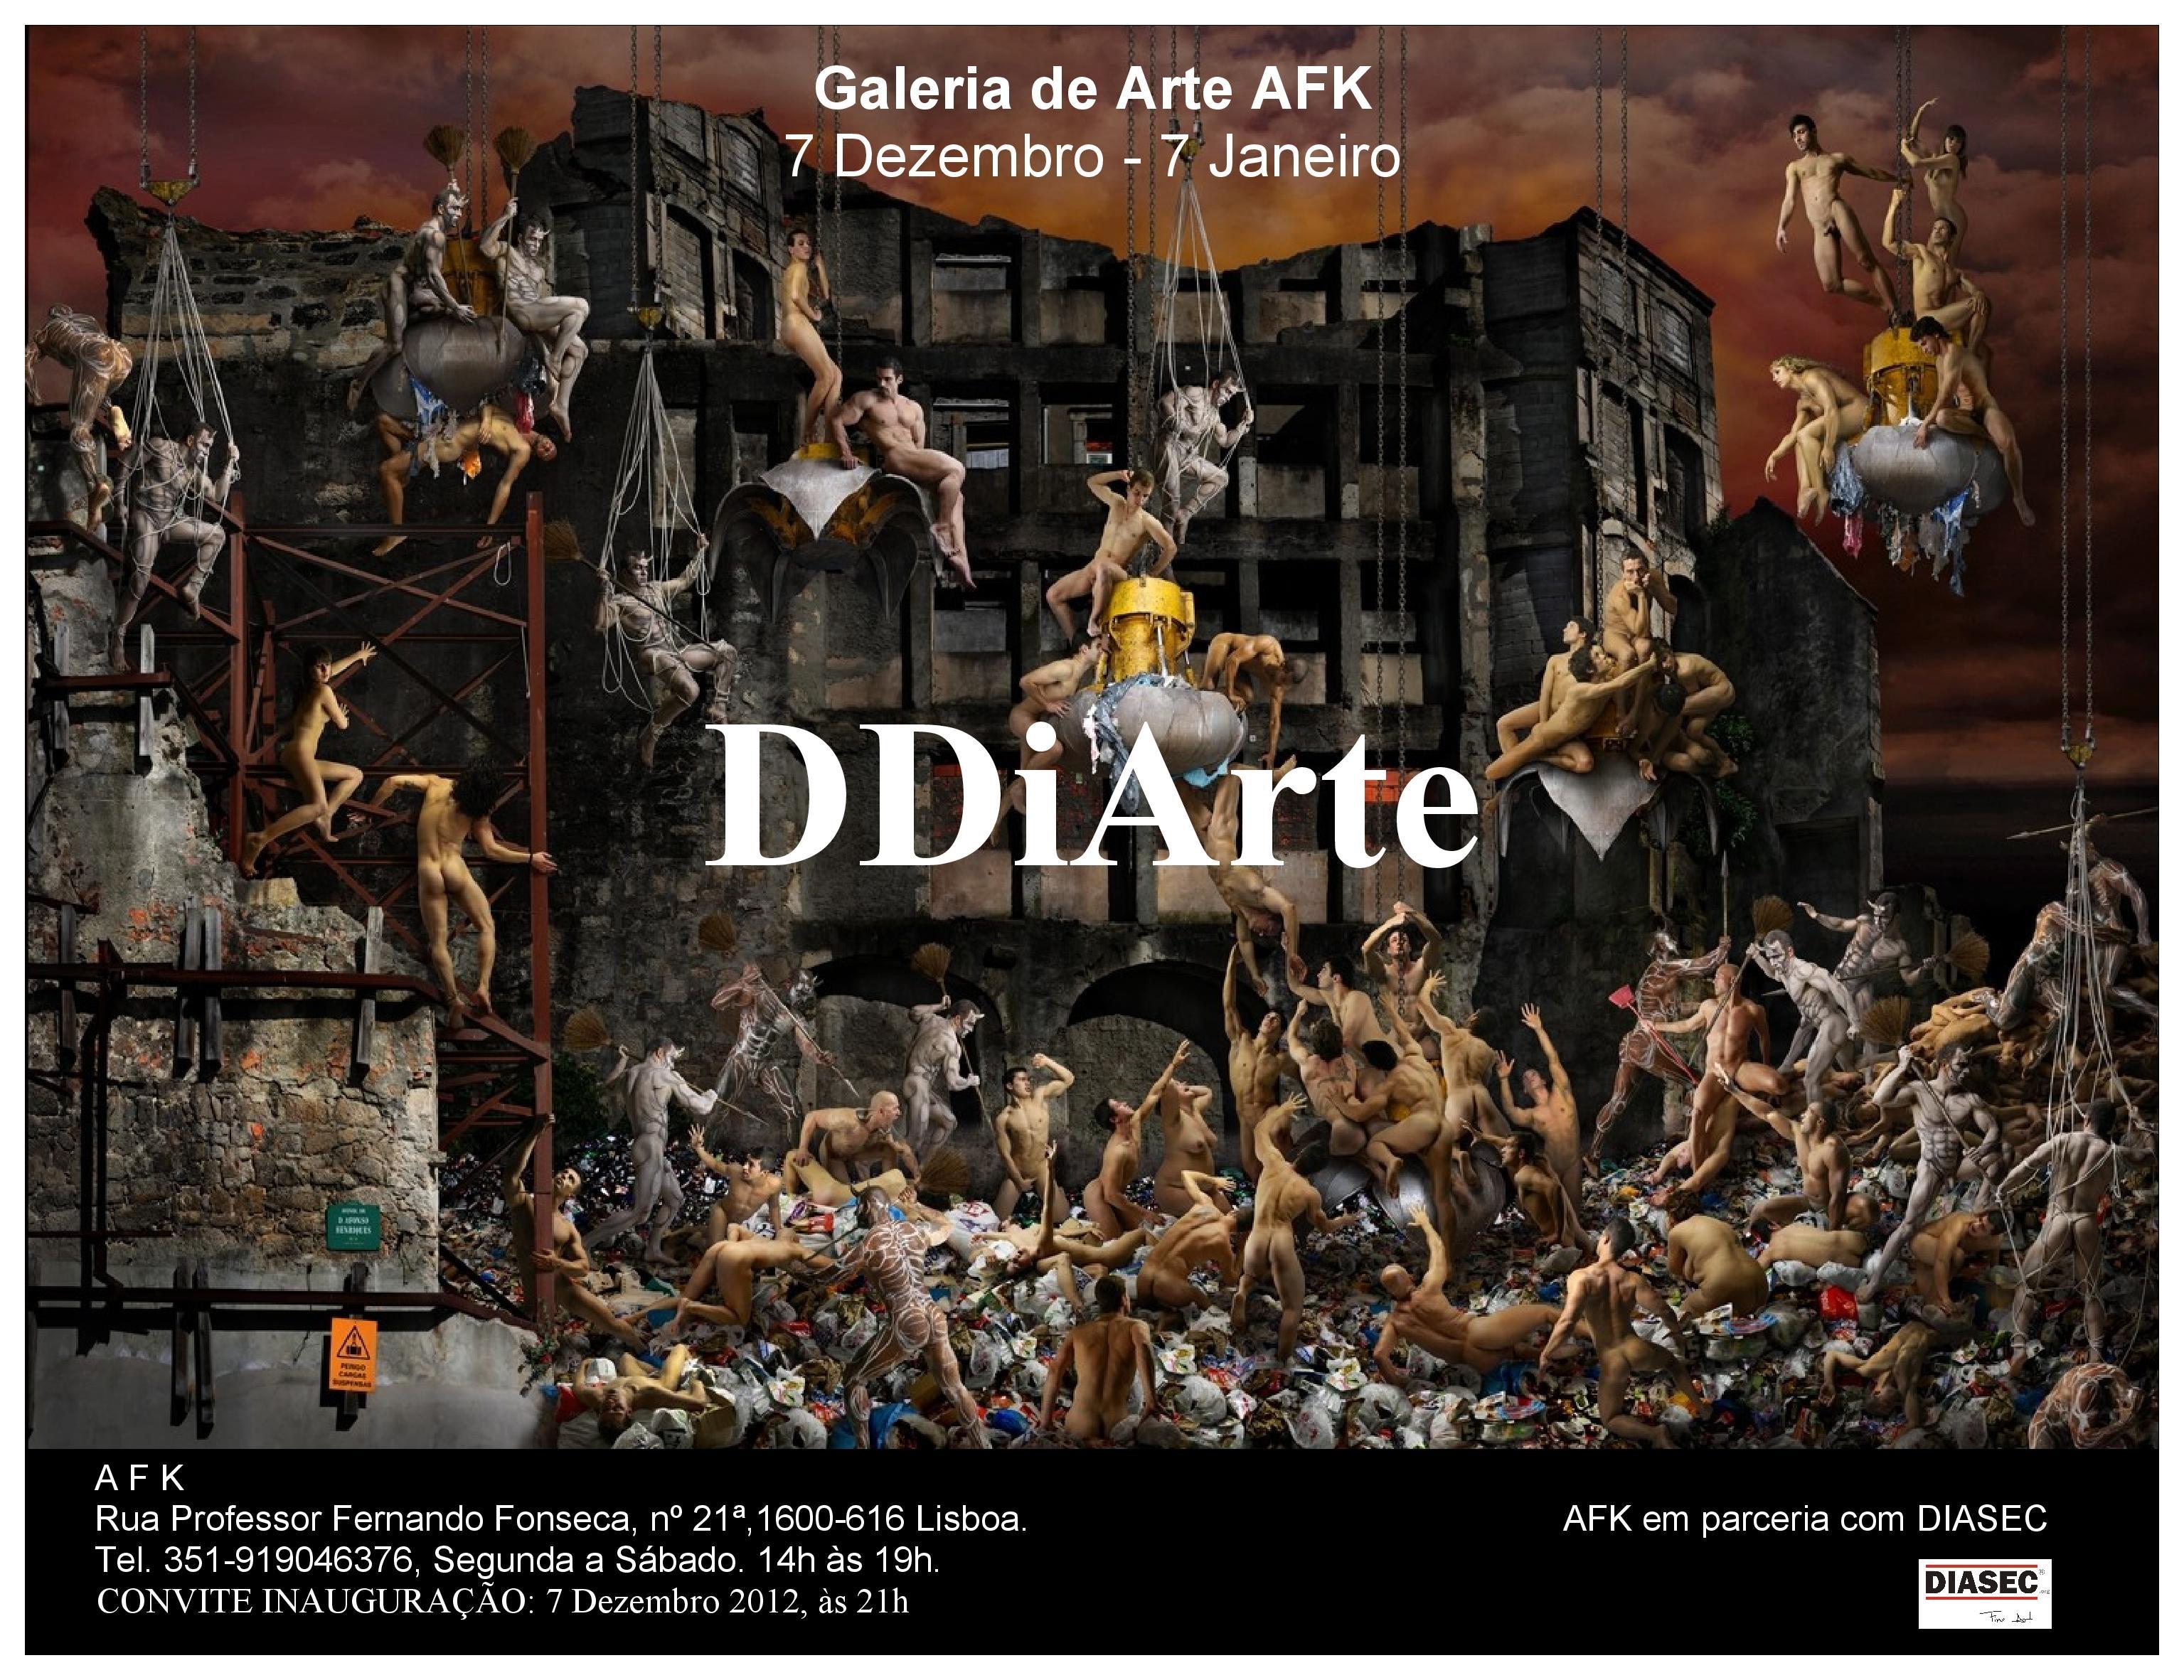 Exposição Fotografia DDiArte. Galeria de Arte AFK